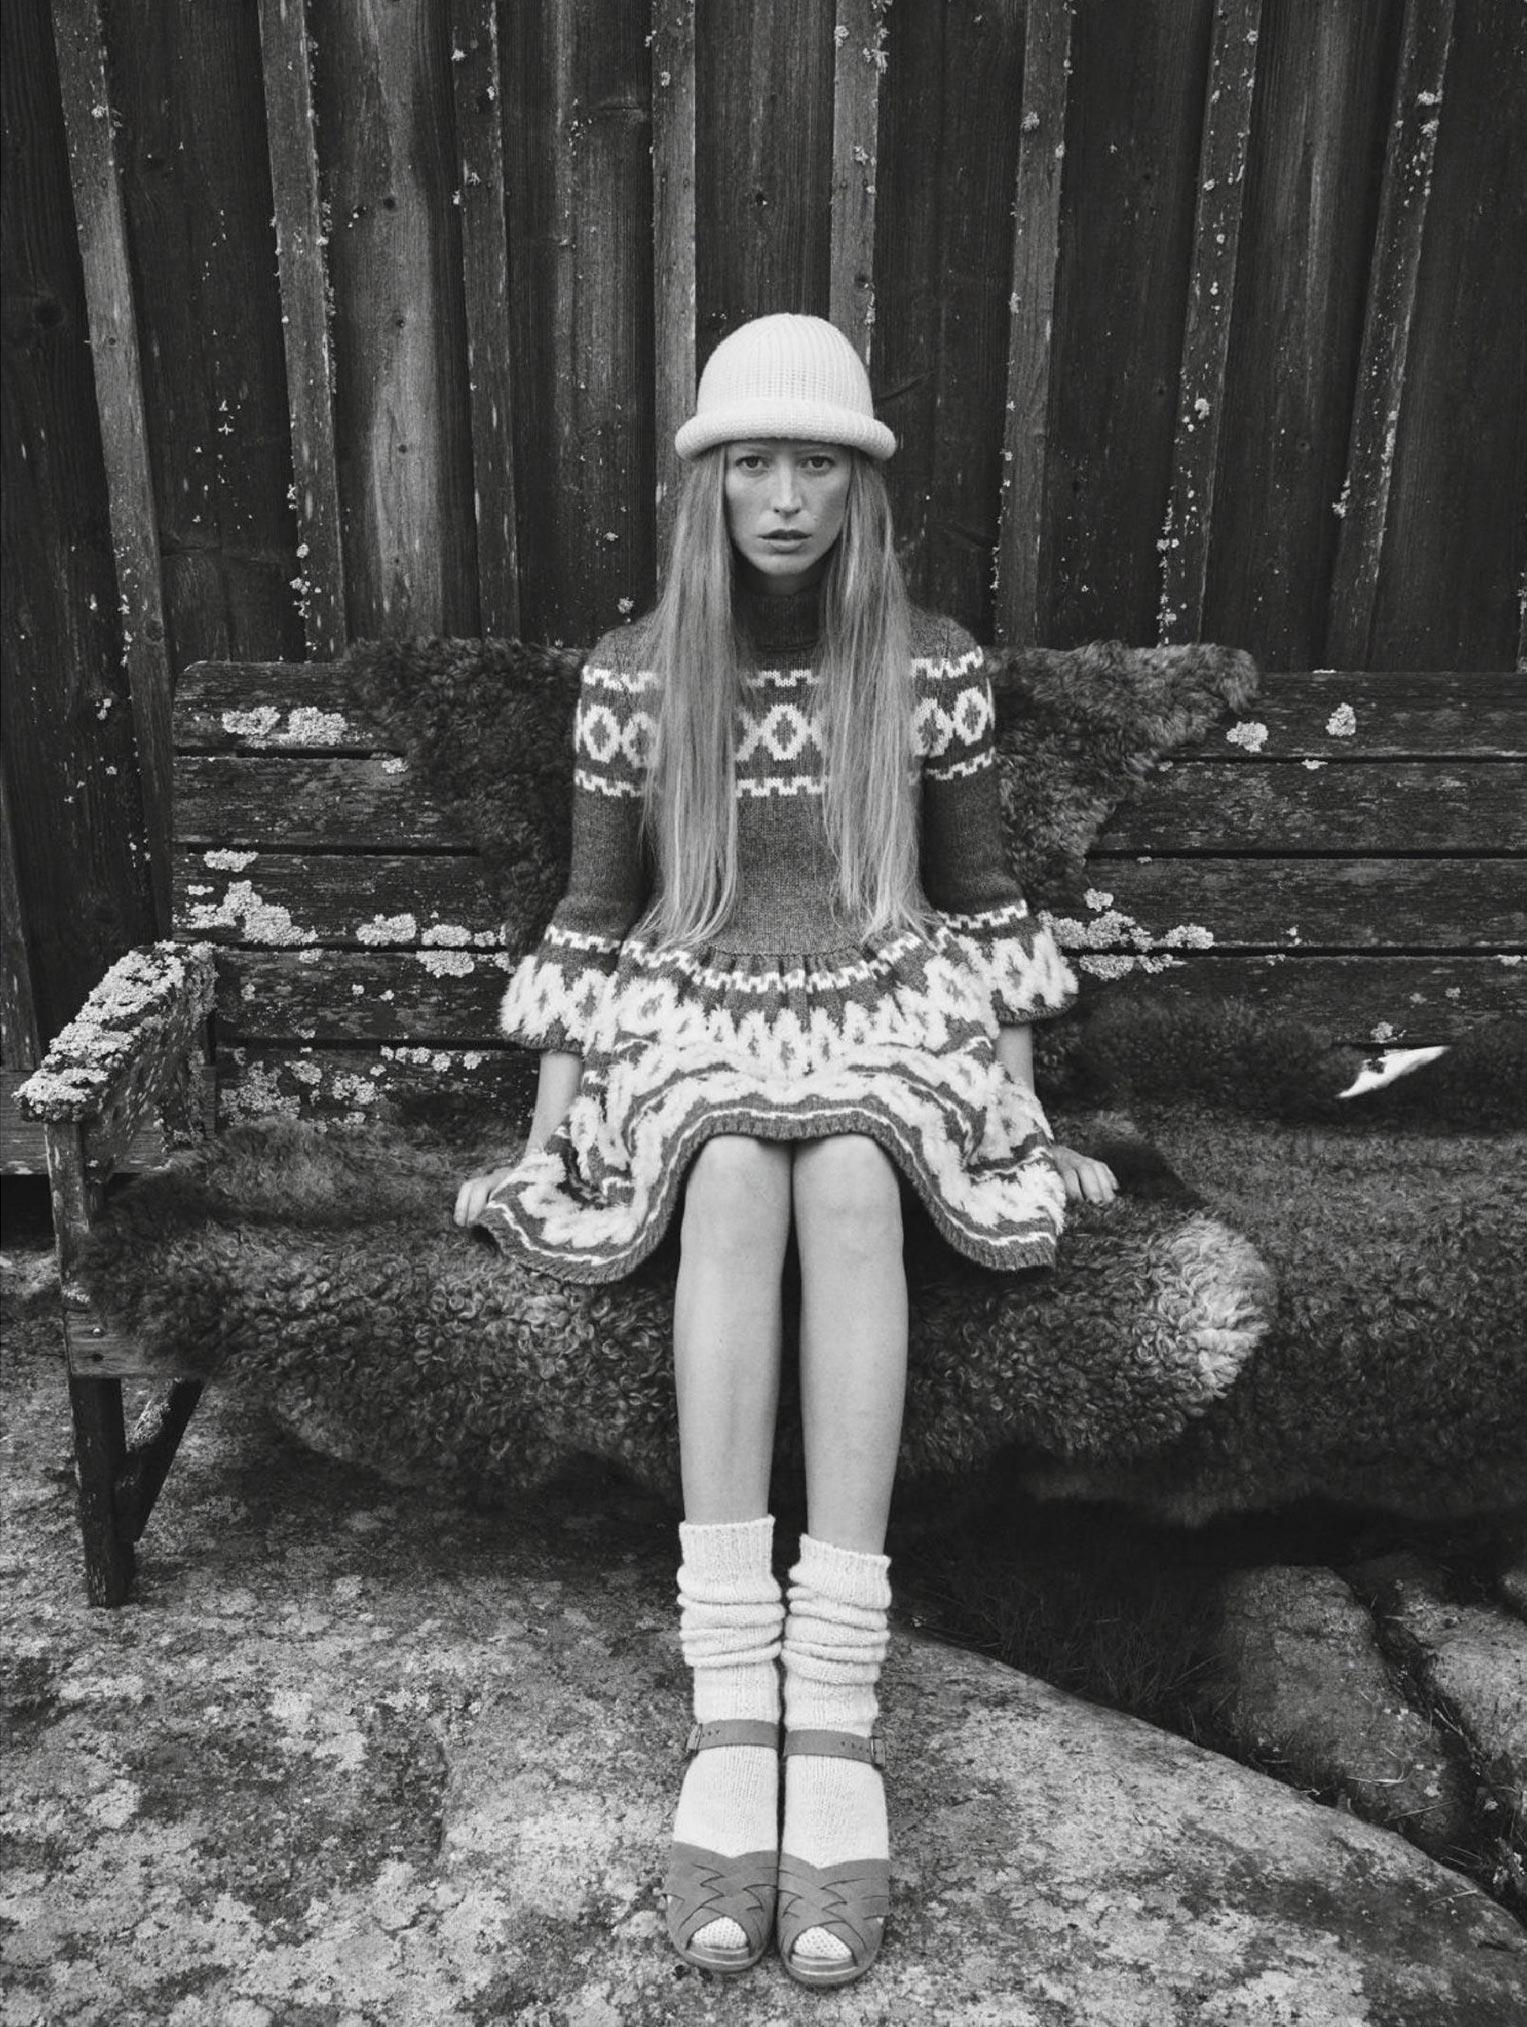 Бразильская модель в гостях у шведской - Эрика Линдер и Ракель Циммерман / фото 20